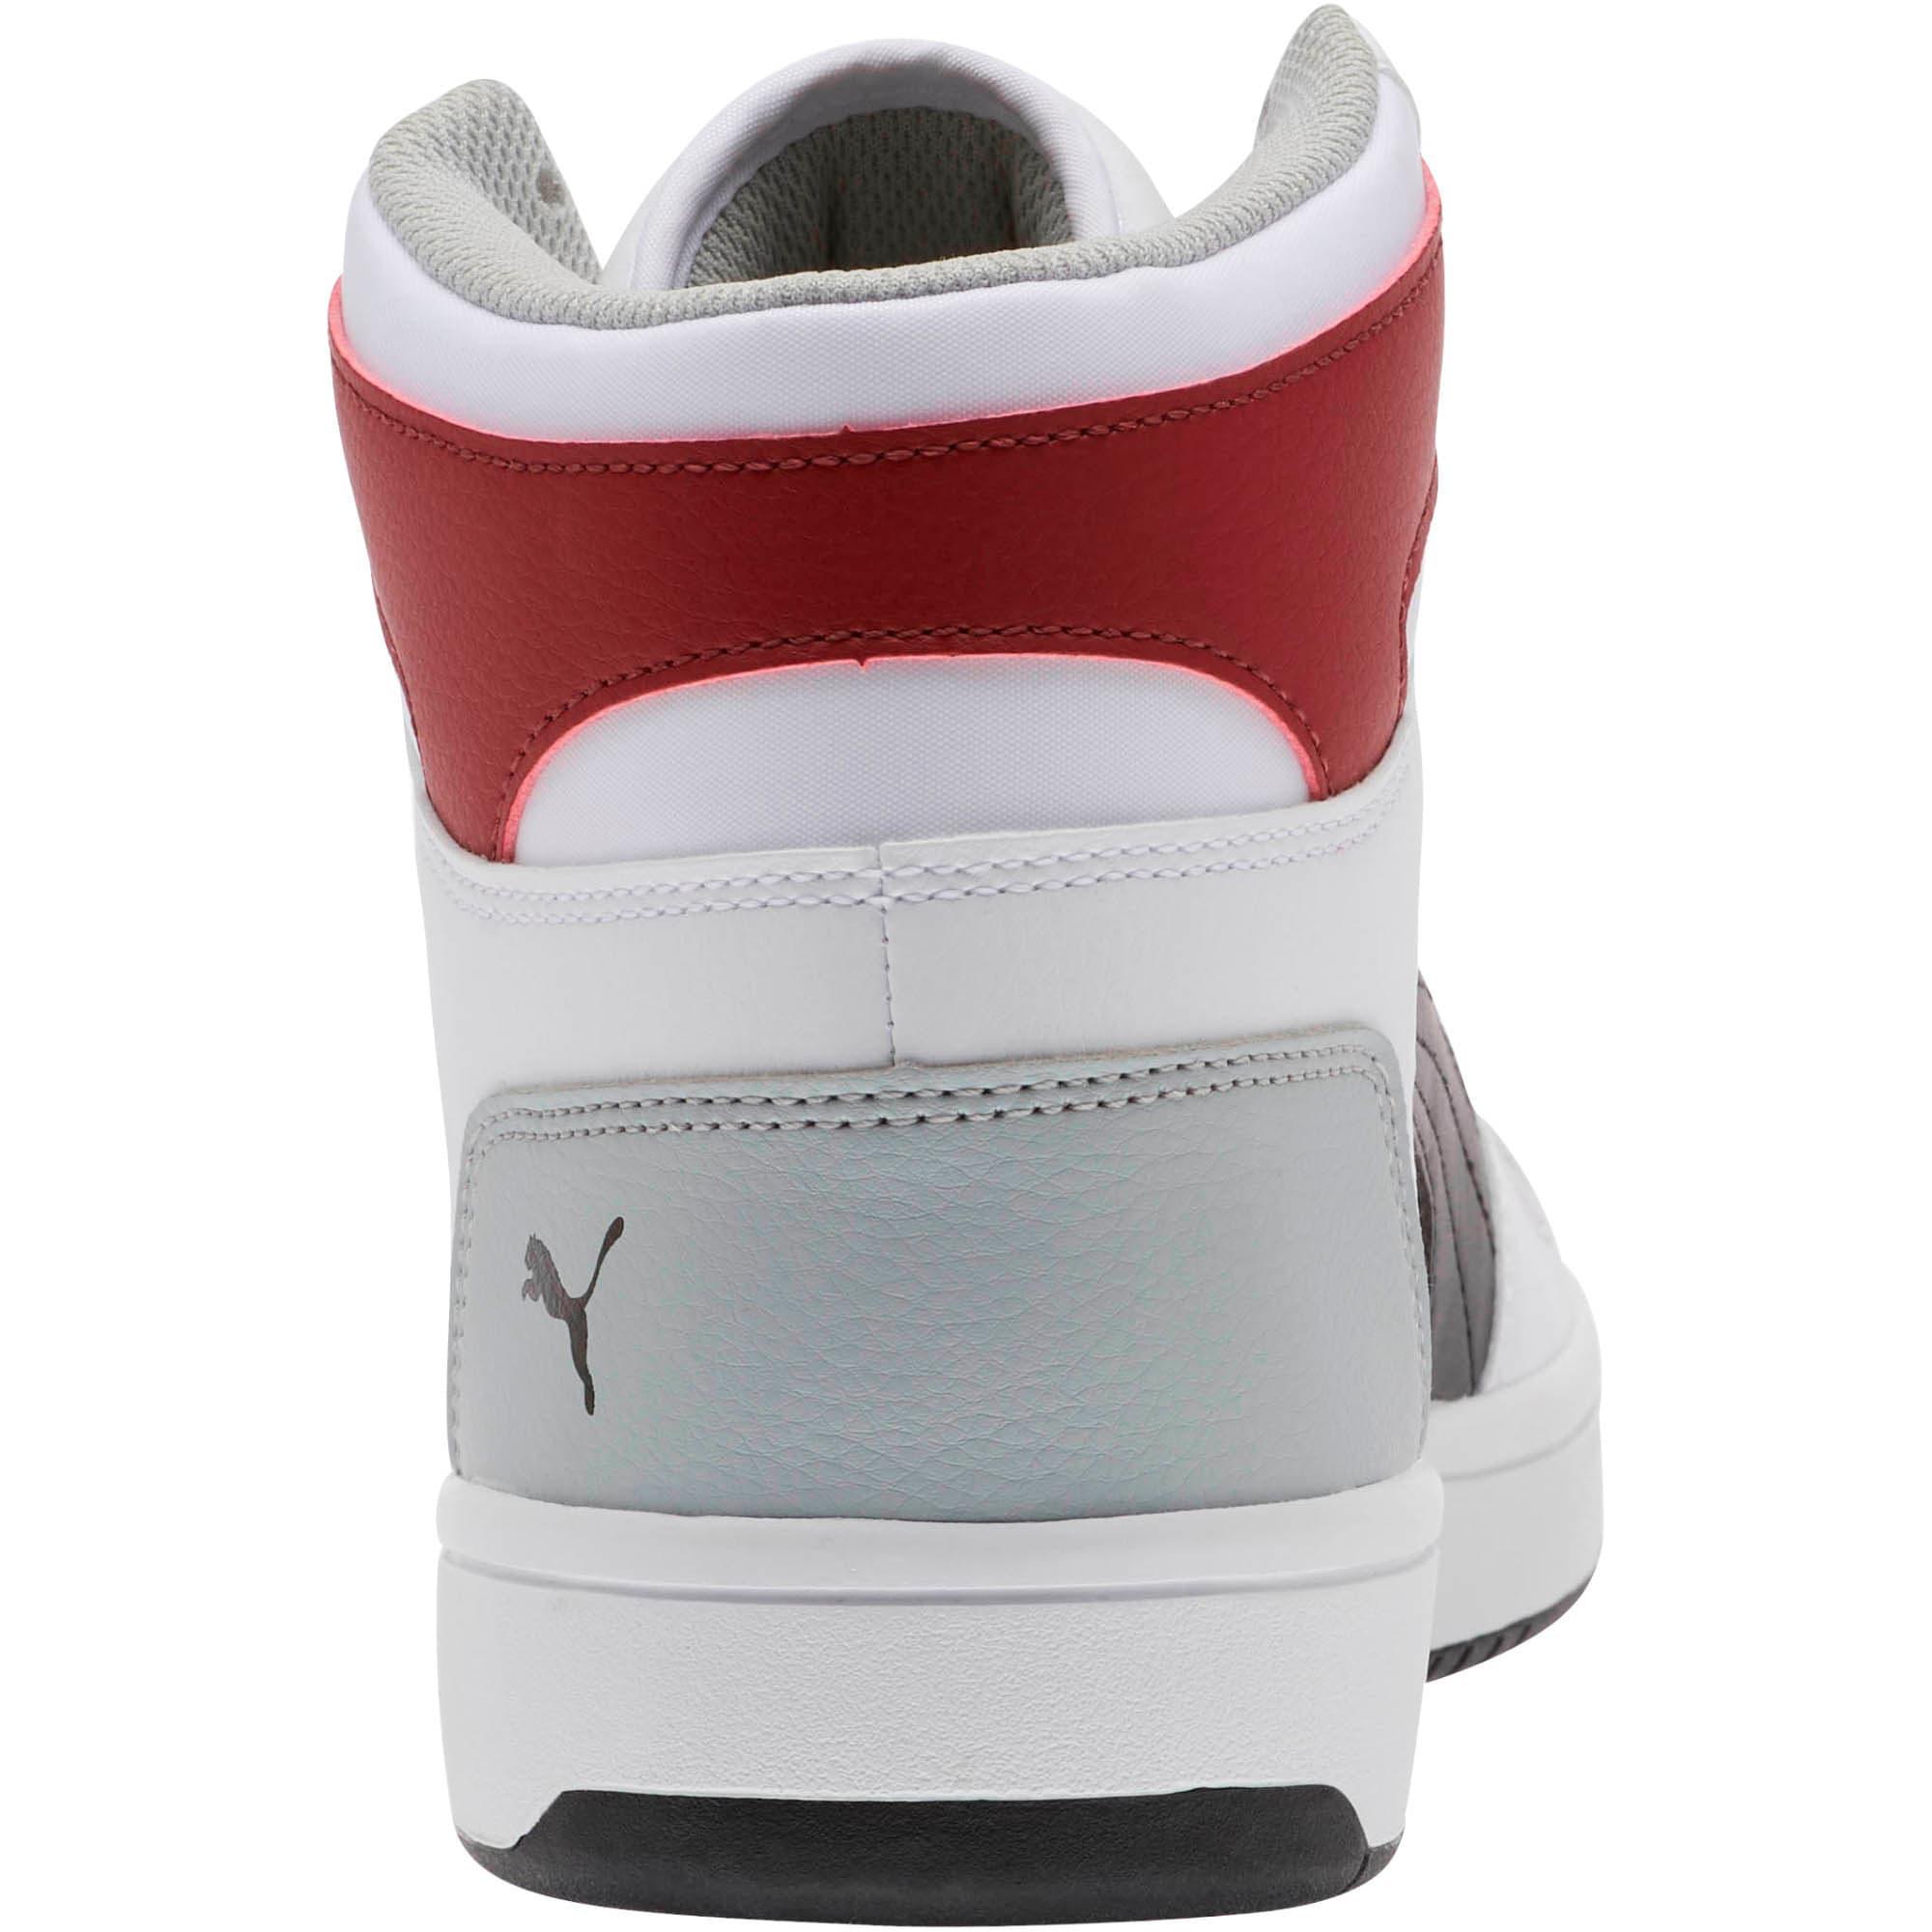 Thumbnail 3 of PUMA Rebound LayUp Sneakers, White-Black-Rhubarb-HighRise, medium